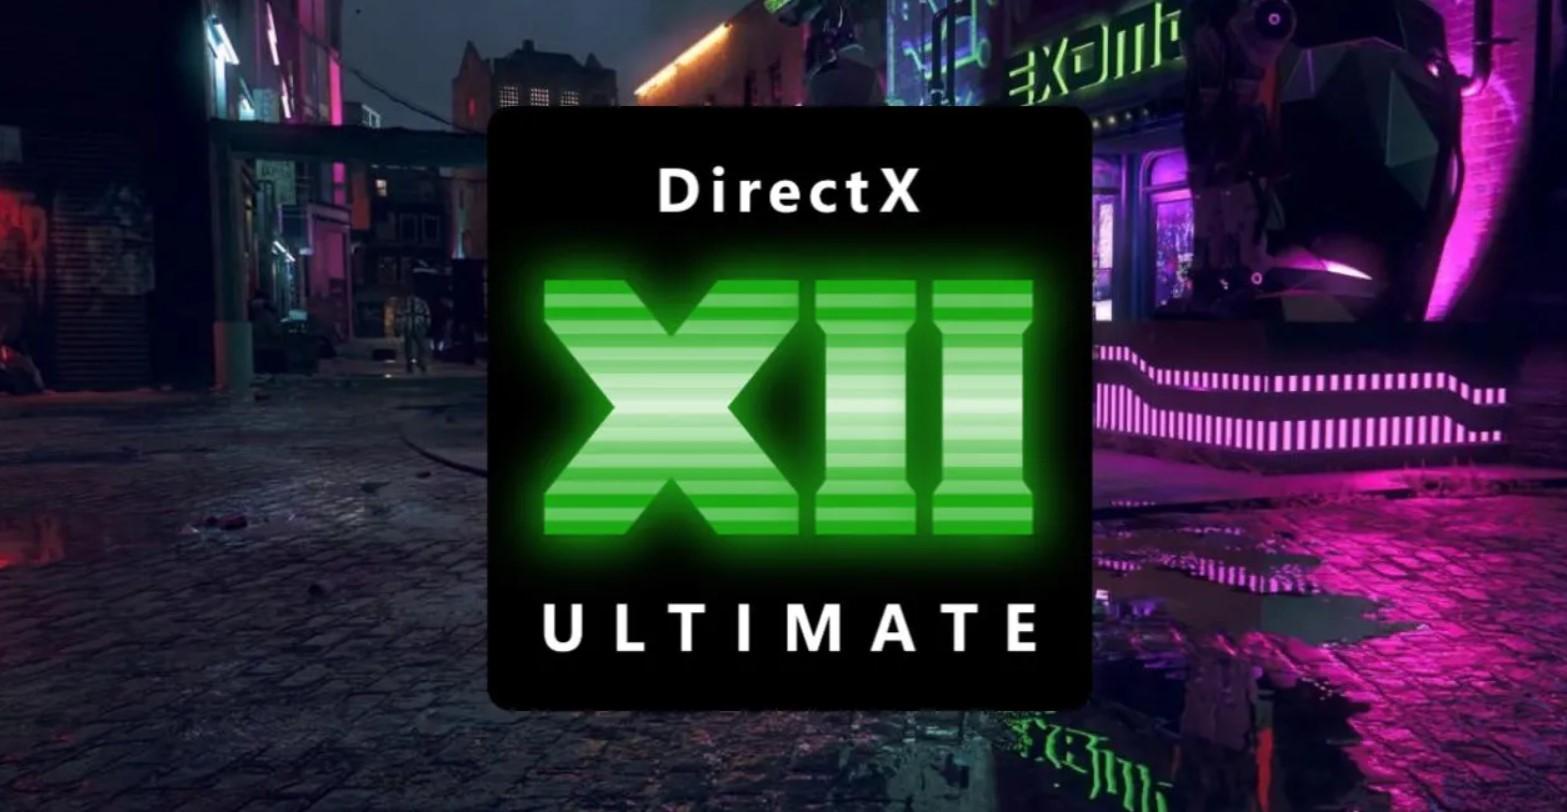 Microsoft anunció DirectX 12 Ultimate para ofrecer la misma experiencia de Xbox Series X en PC